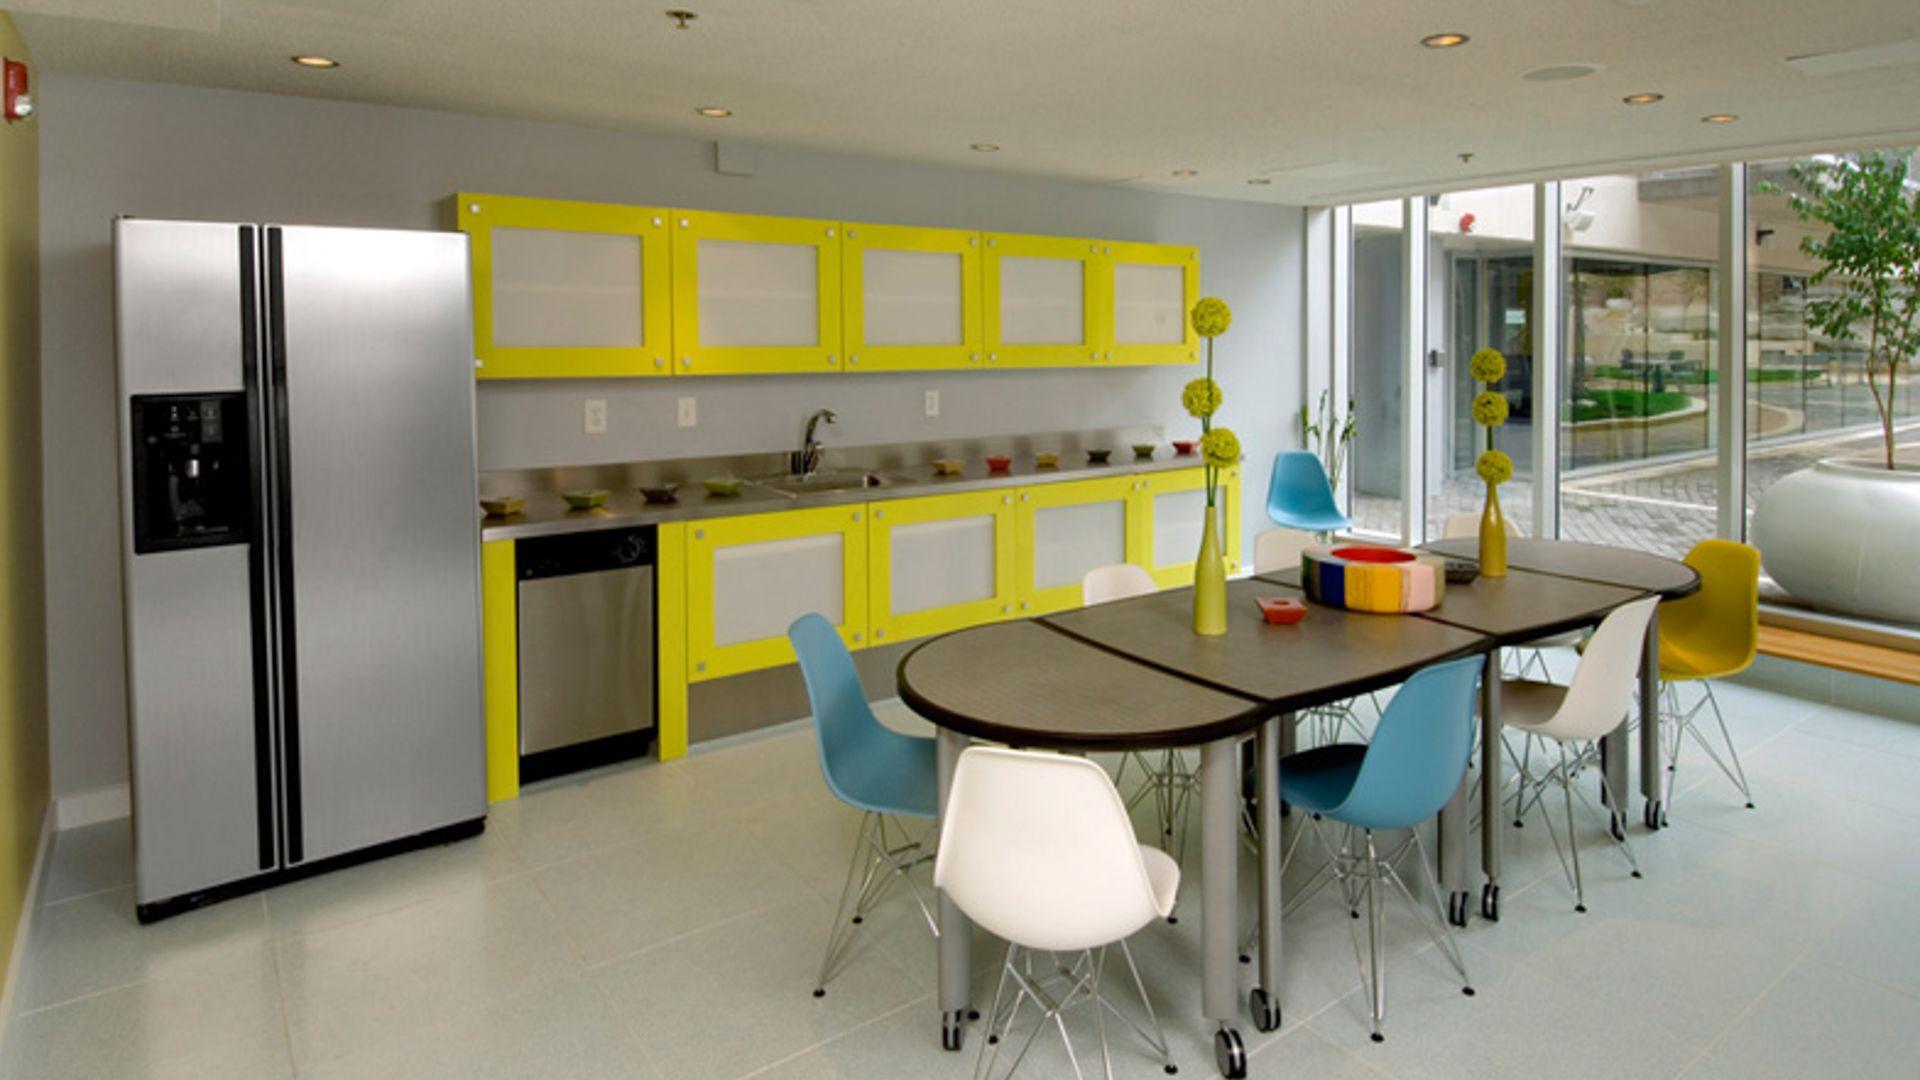 The Flats at Dupont Circle Apartments - Lounge